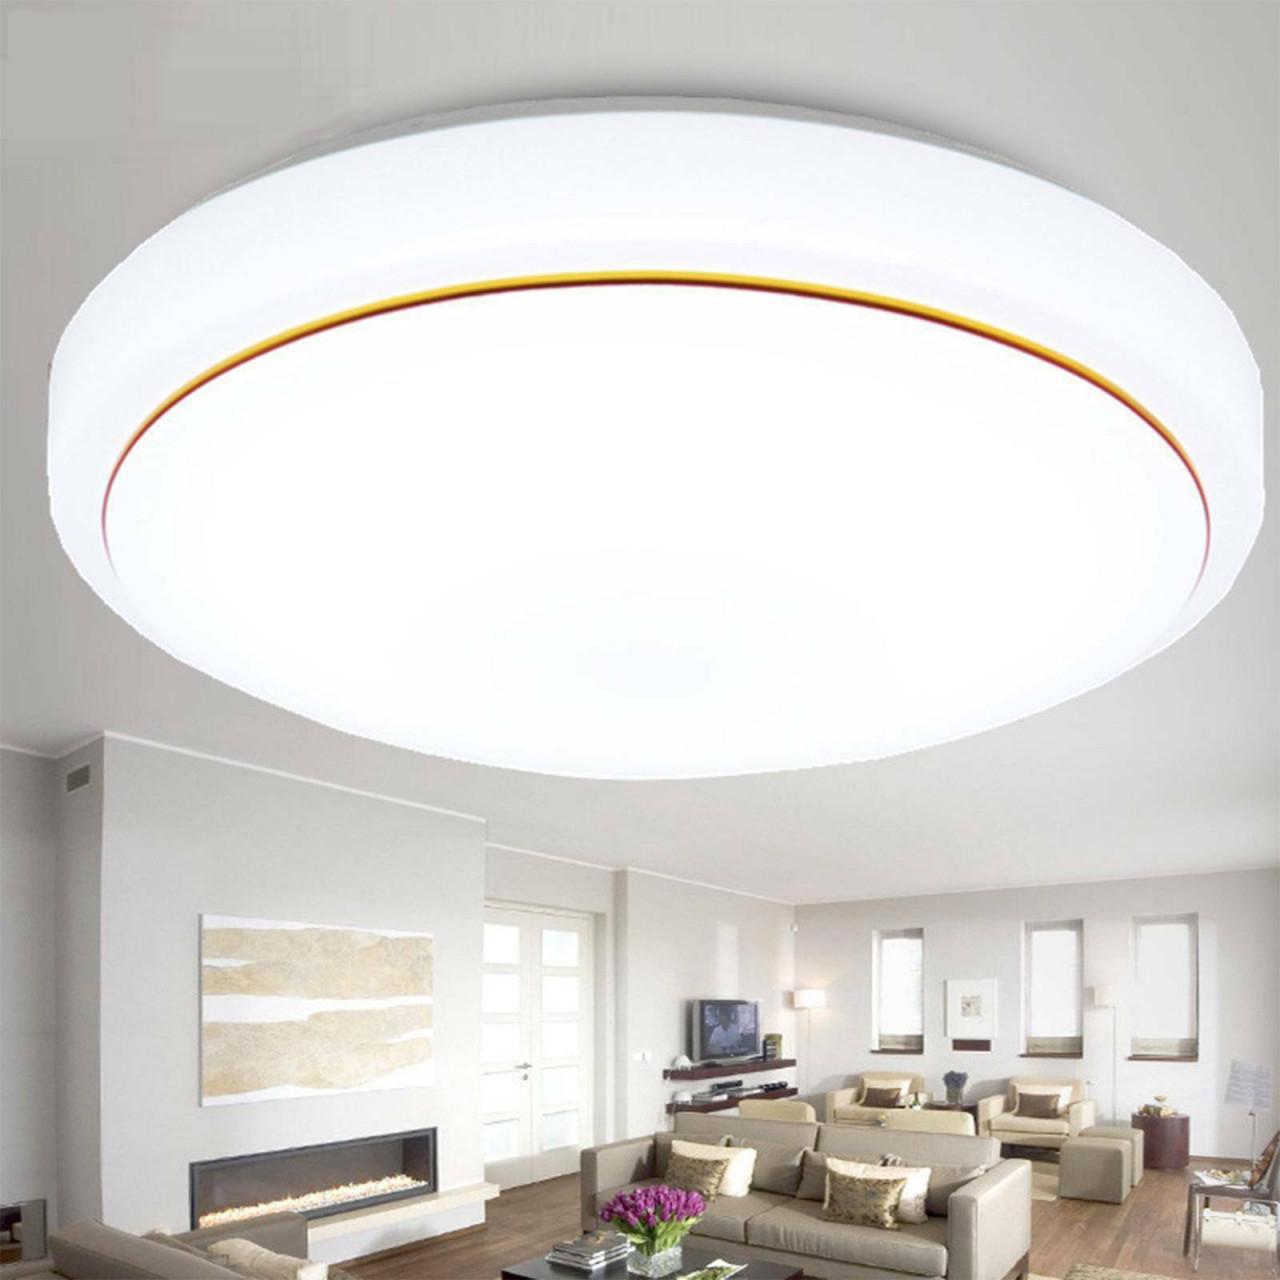 36W Led Deckenlampe Deckenleuchte Wohnzimmer Küchen Lampe Küche 40Cm Runde  Licht von Led Deckenlampe Wohnzimmer Bild